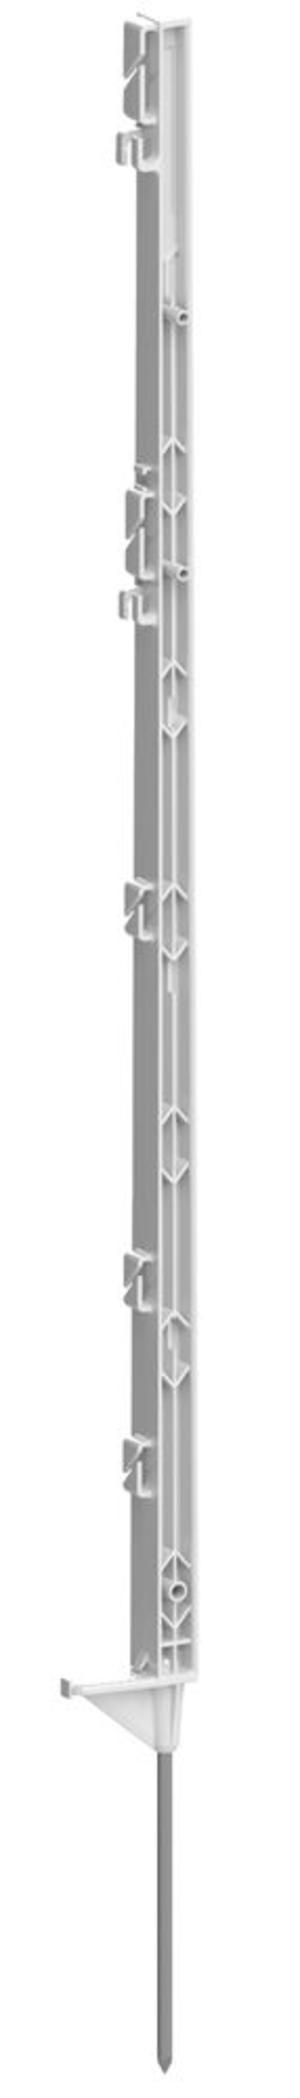 Picchetto Bianco 105 cm confezione da 5 pz